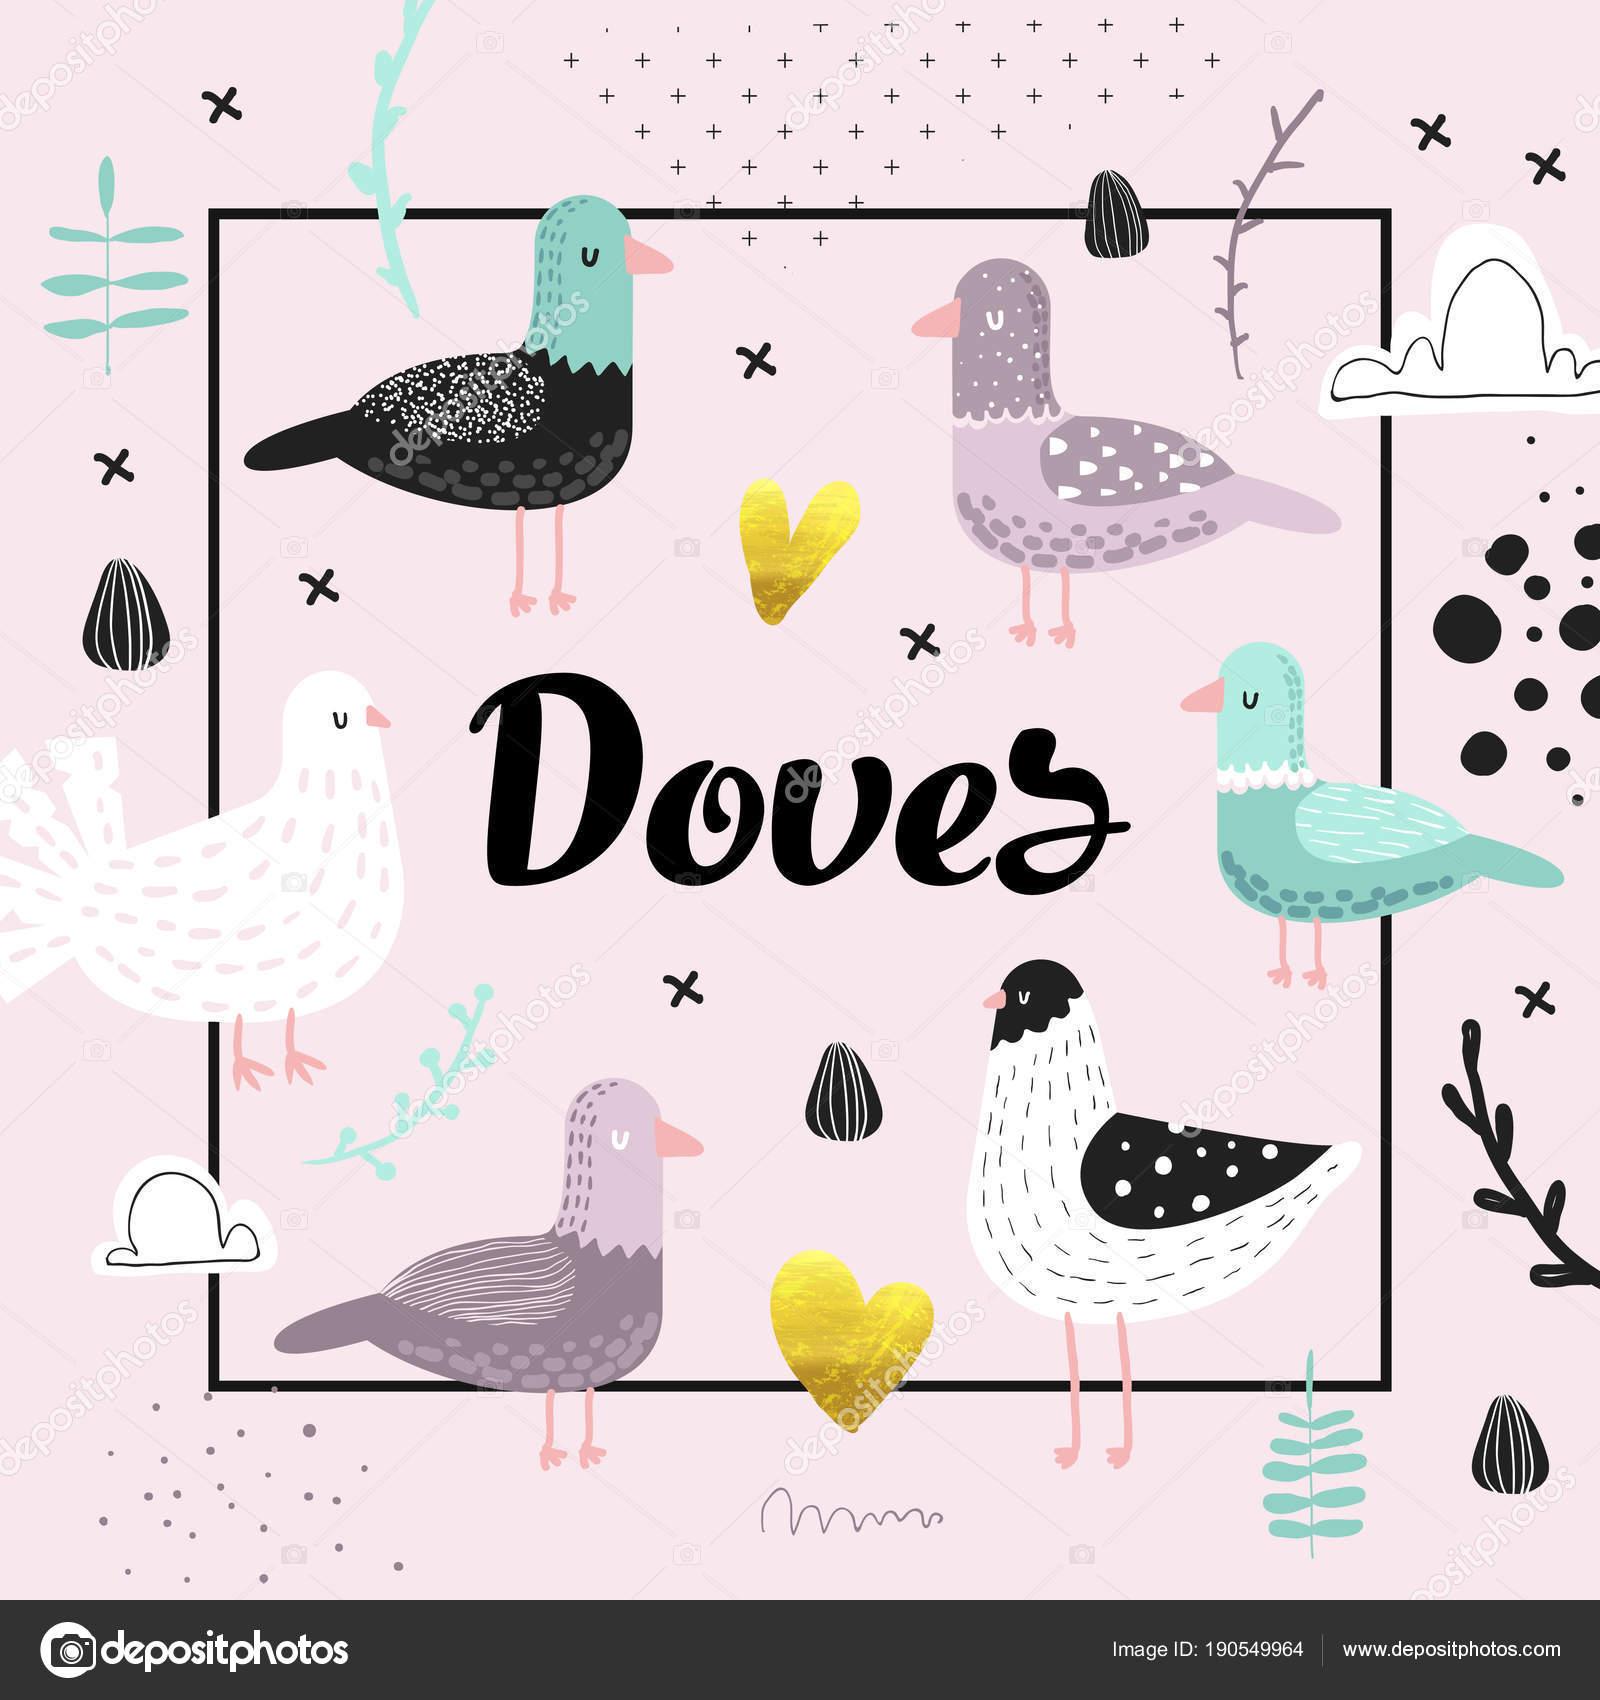 かわいい鳩とデザインのベビー シャワー。創造的な手描きっぽい鳥鳩の